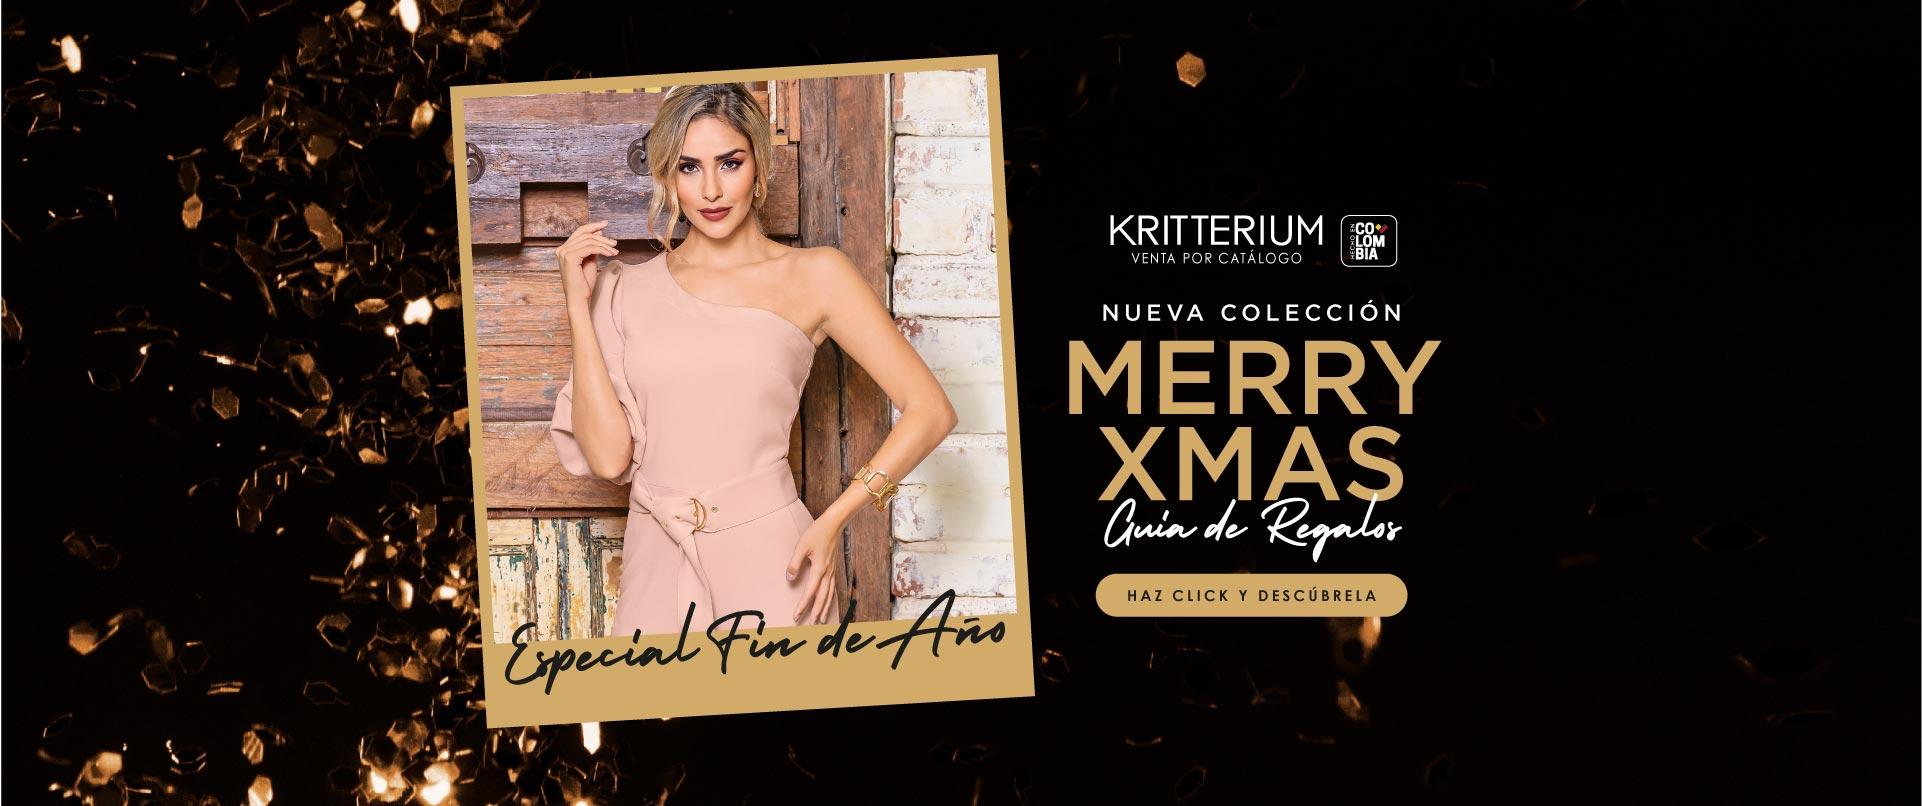 coleccion merry xmas kritterium venta por catalogo